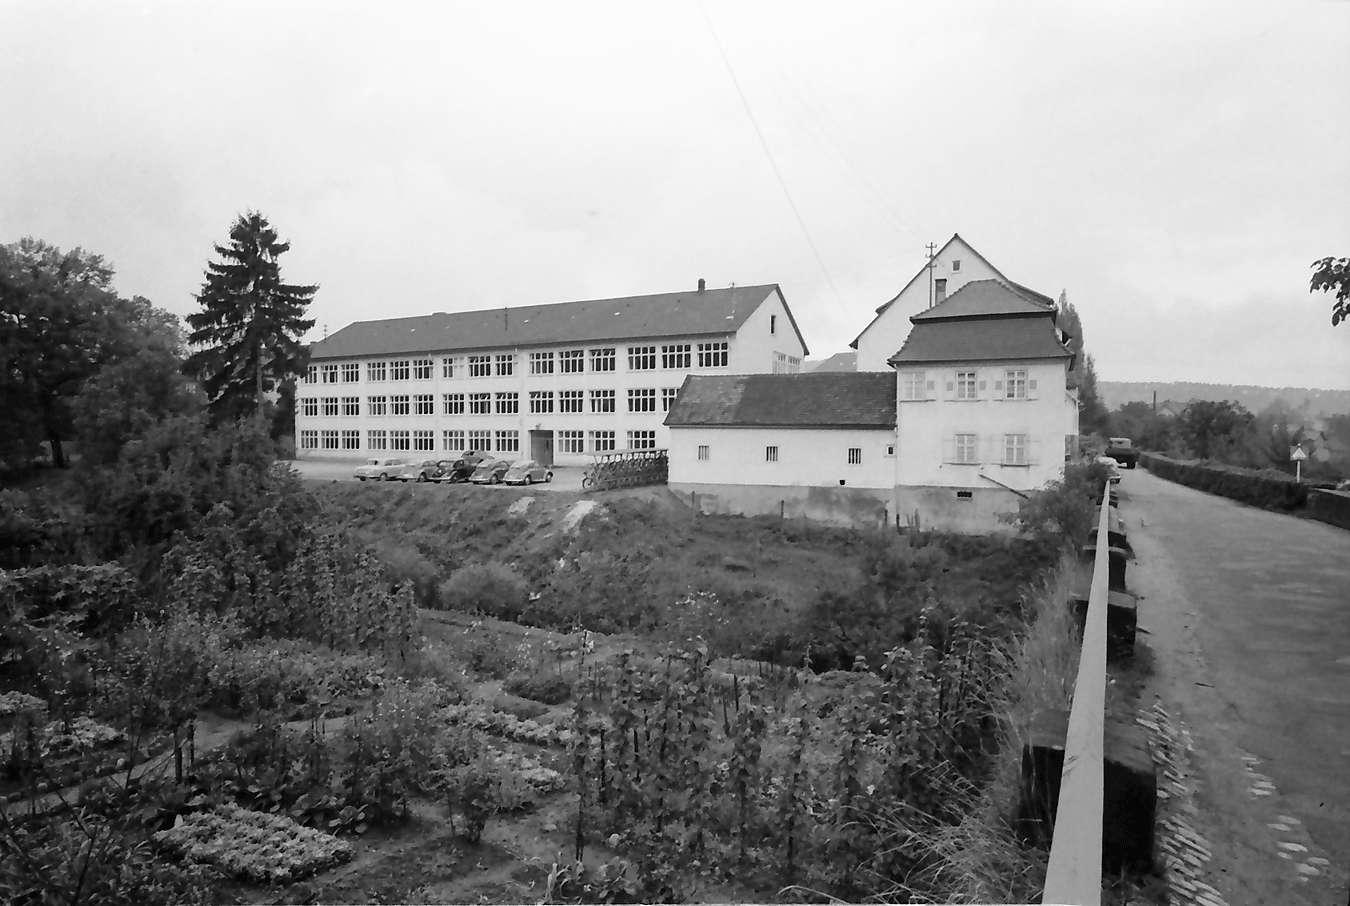 Gernsbach: 1. Papiermacherschule in der Gewerbeschule; Hofansicht, Bild 1